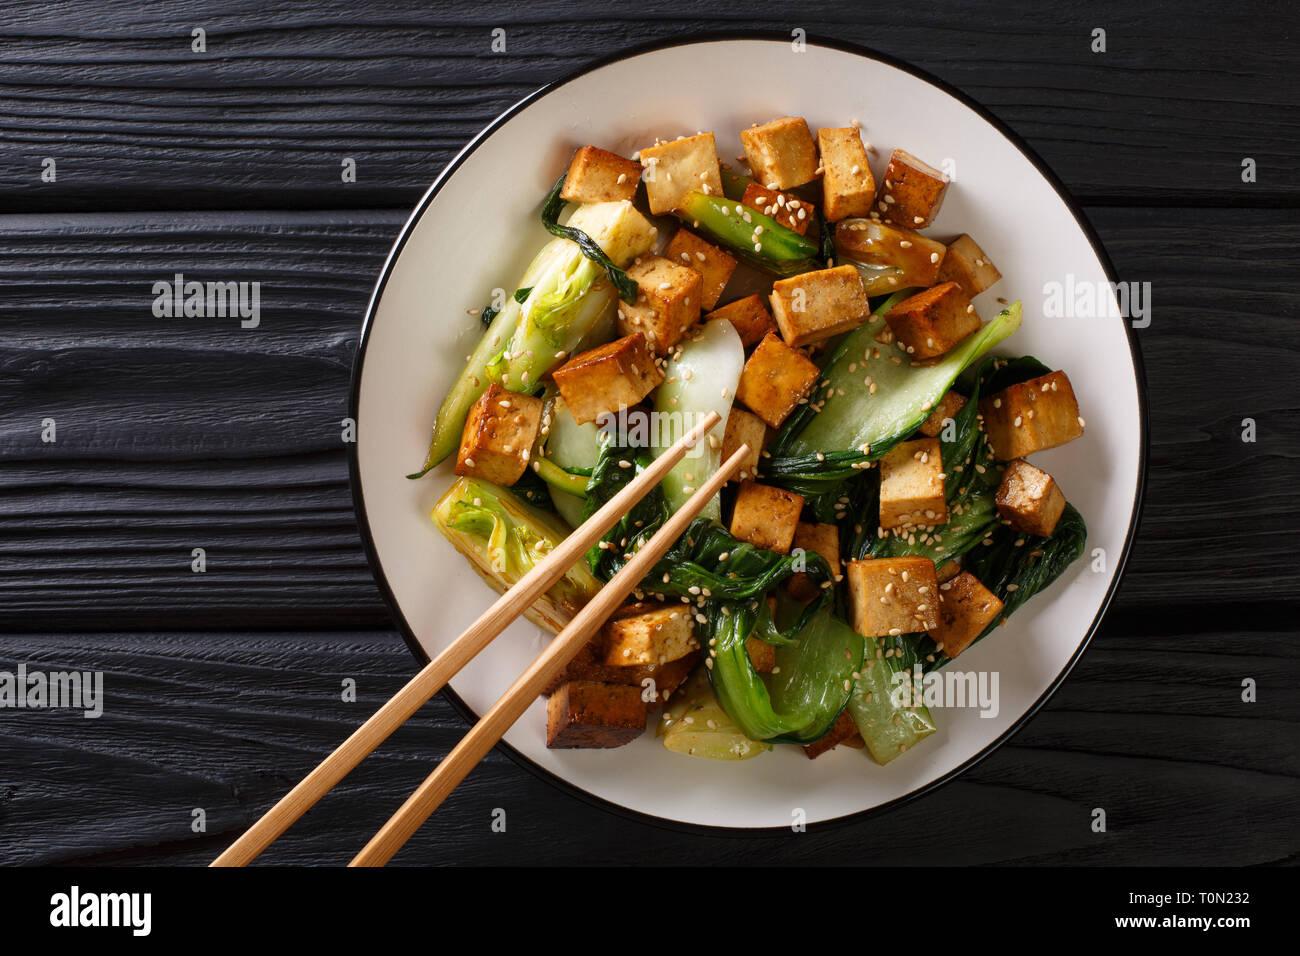 Tofu sauté avec bok choy et les graines de sésame sur une assiette sur la table. Haut horizontale Vue de dessus Banque D'Images